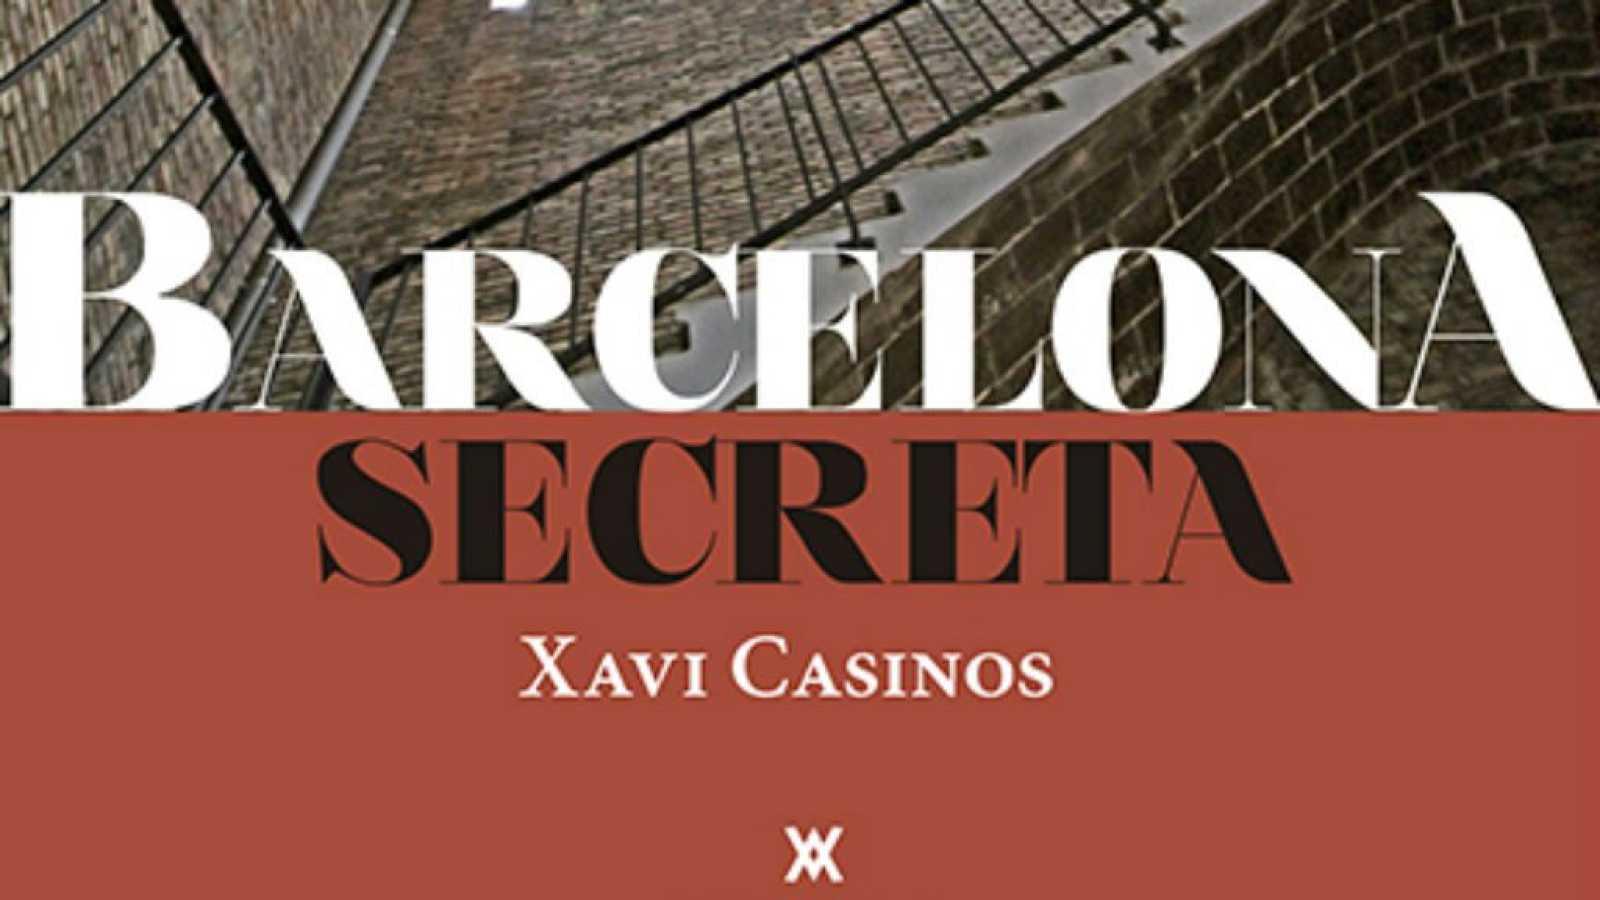 La Barcelona secreta